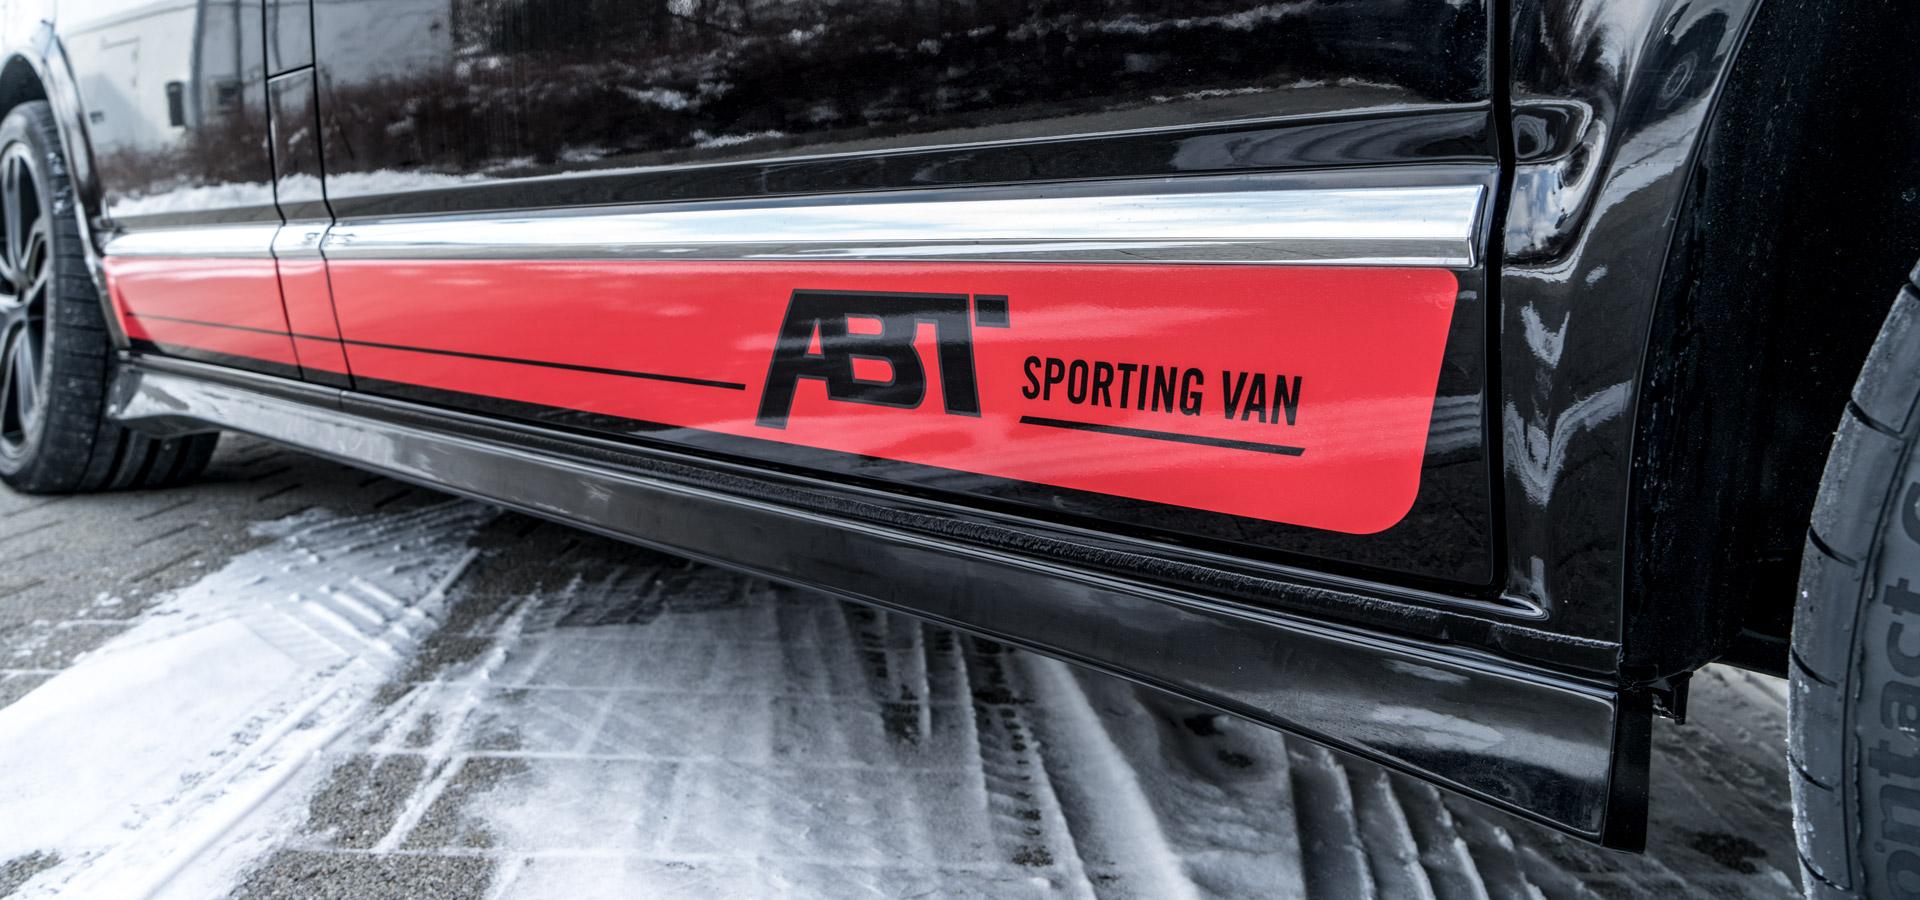 Kelebihan Kekurangan Audi T6 Spesifikasi